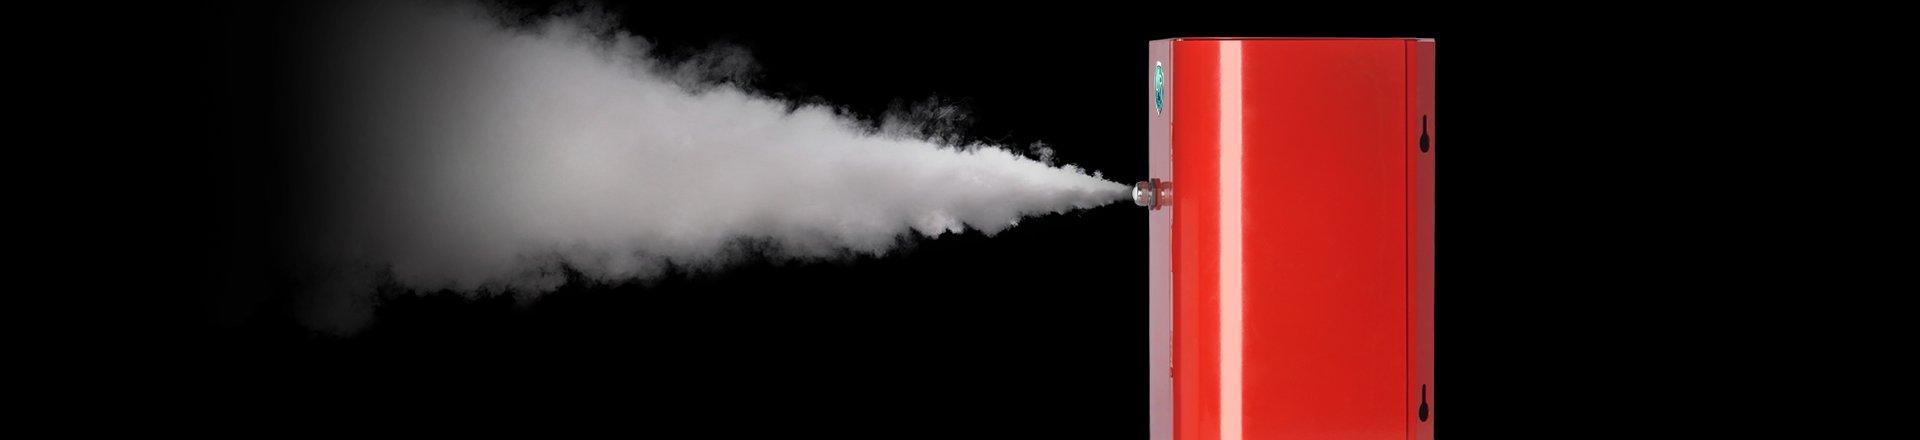 Μηχανήματα Παραγωγής Ομίχλης